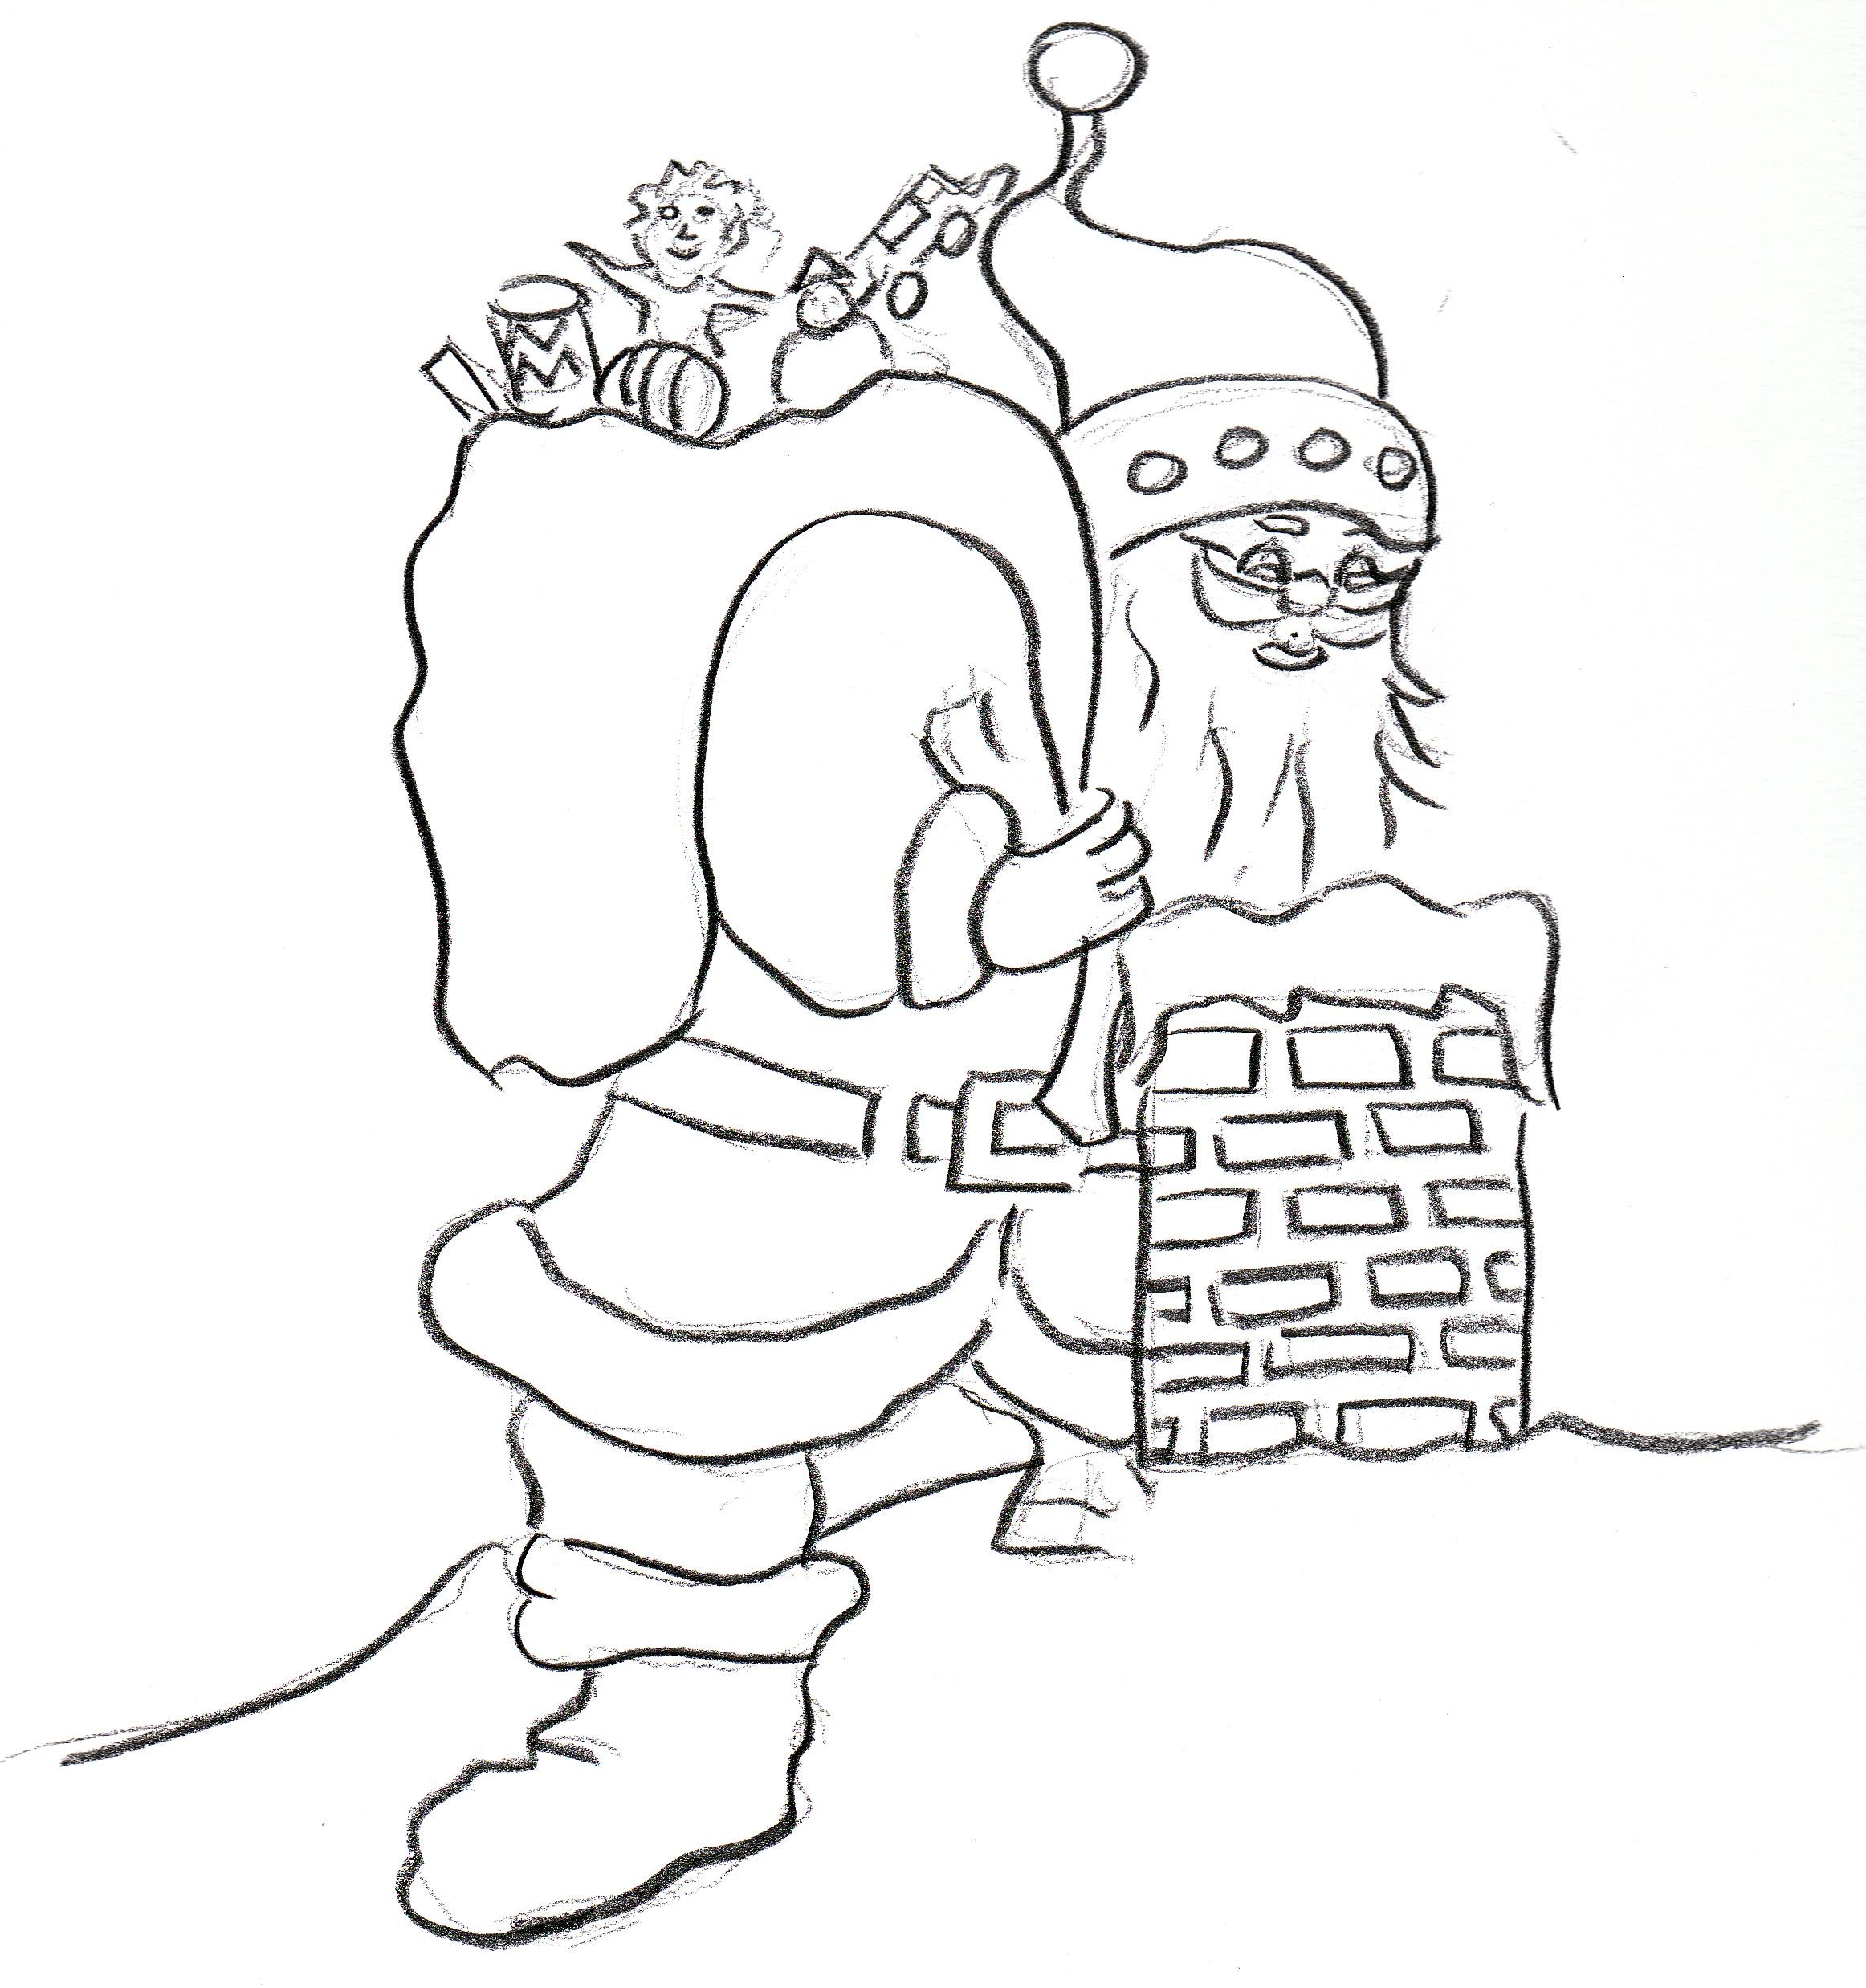 La Lista Dei Desideri, La Lettera A Babbo Natale E Disegni